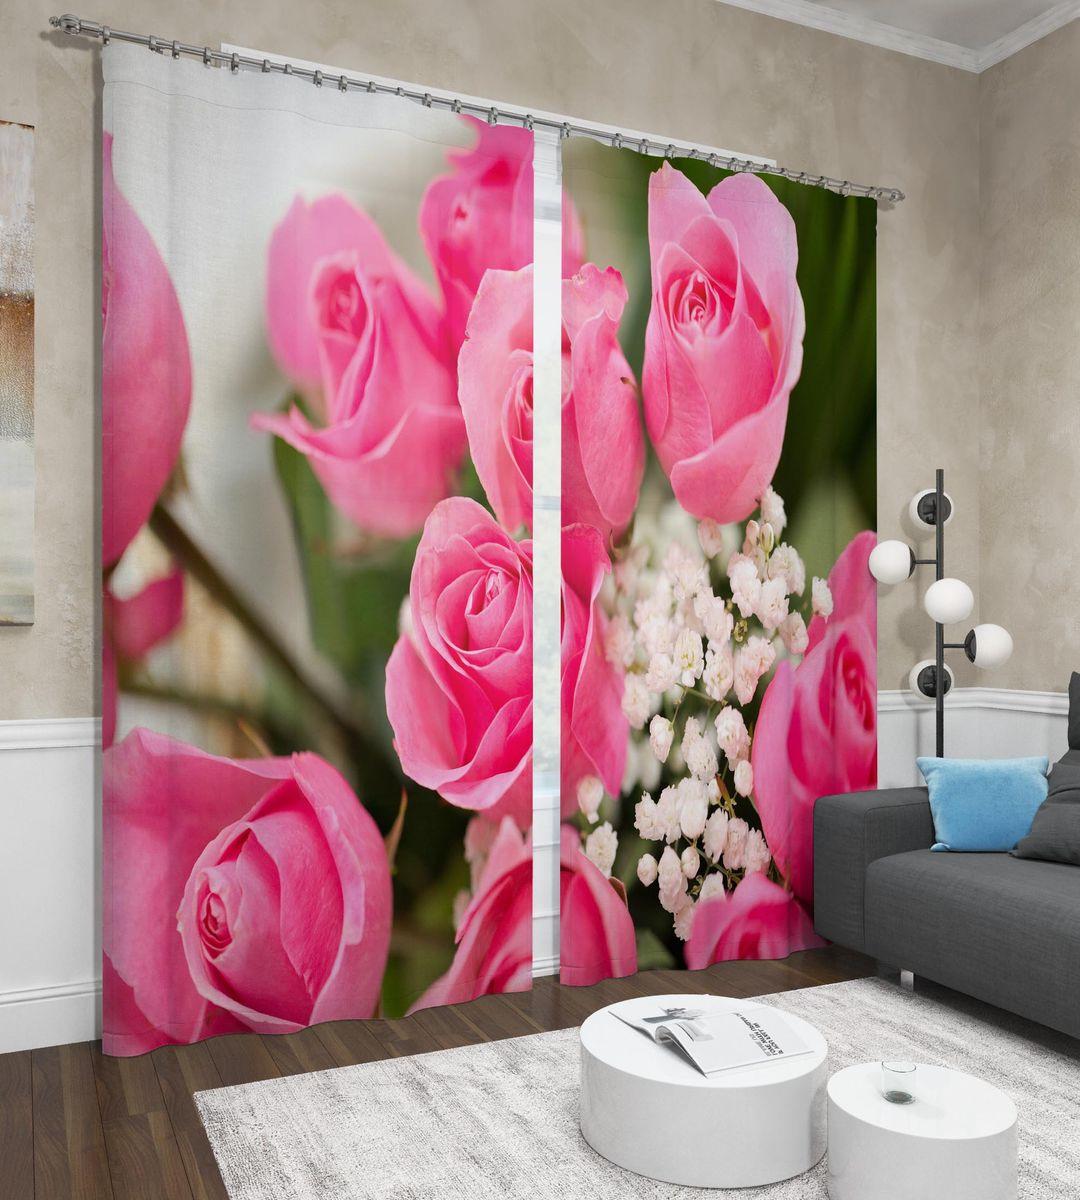 Фотошторы Сирень Крупные розы, ФШСТ001-13587, розовый, 260 х 150 см, 2 шт